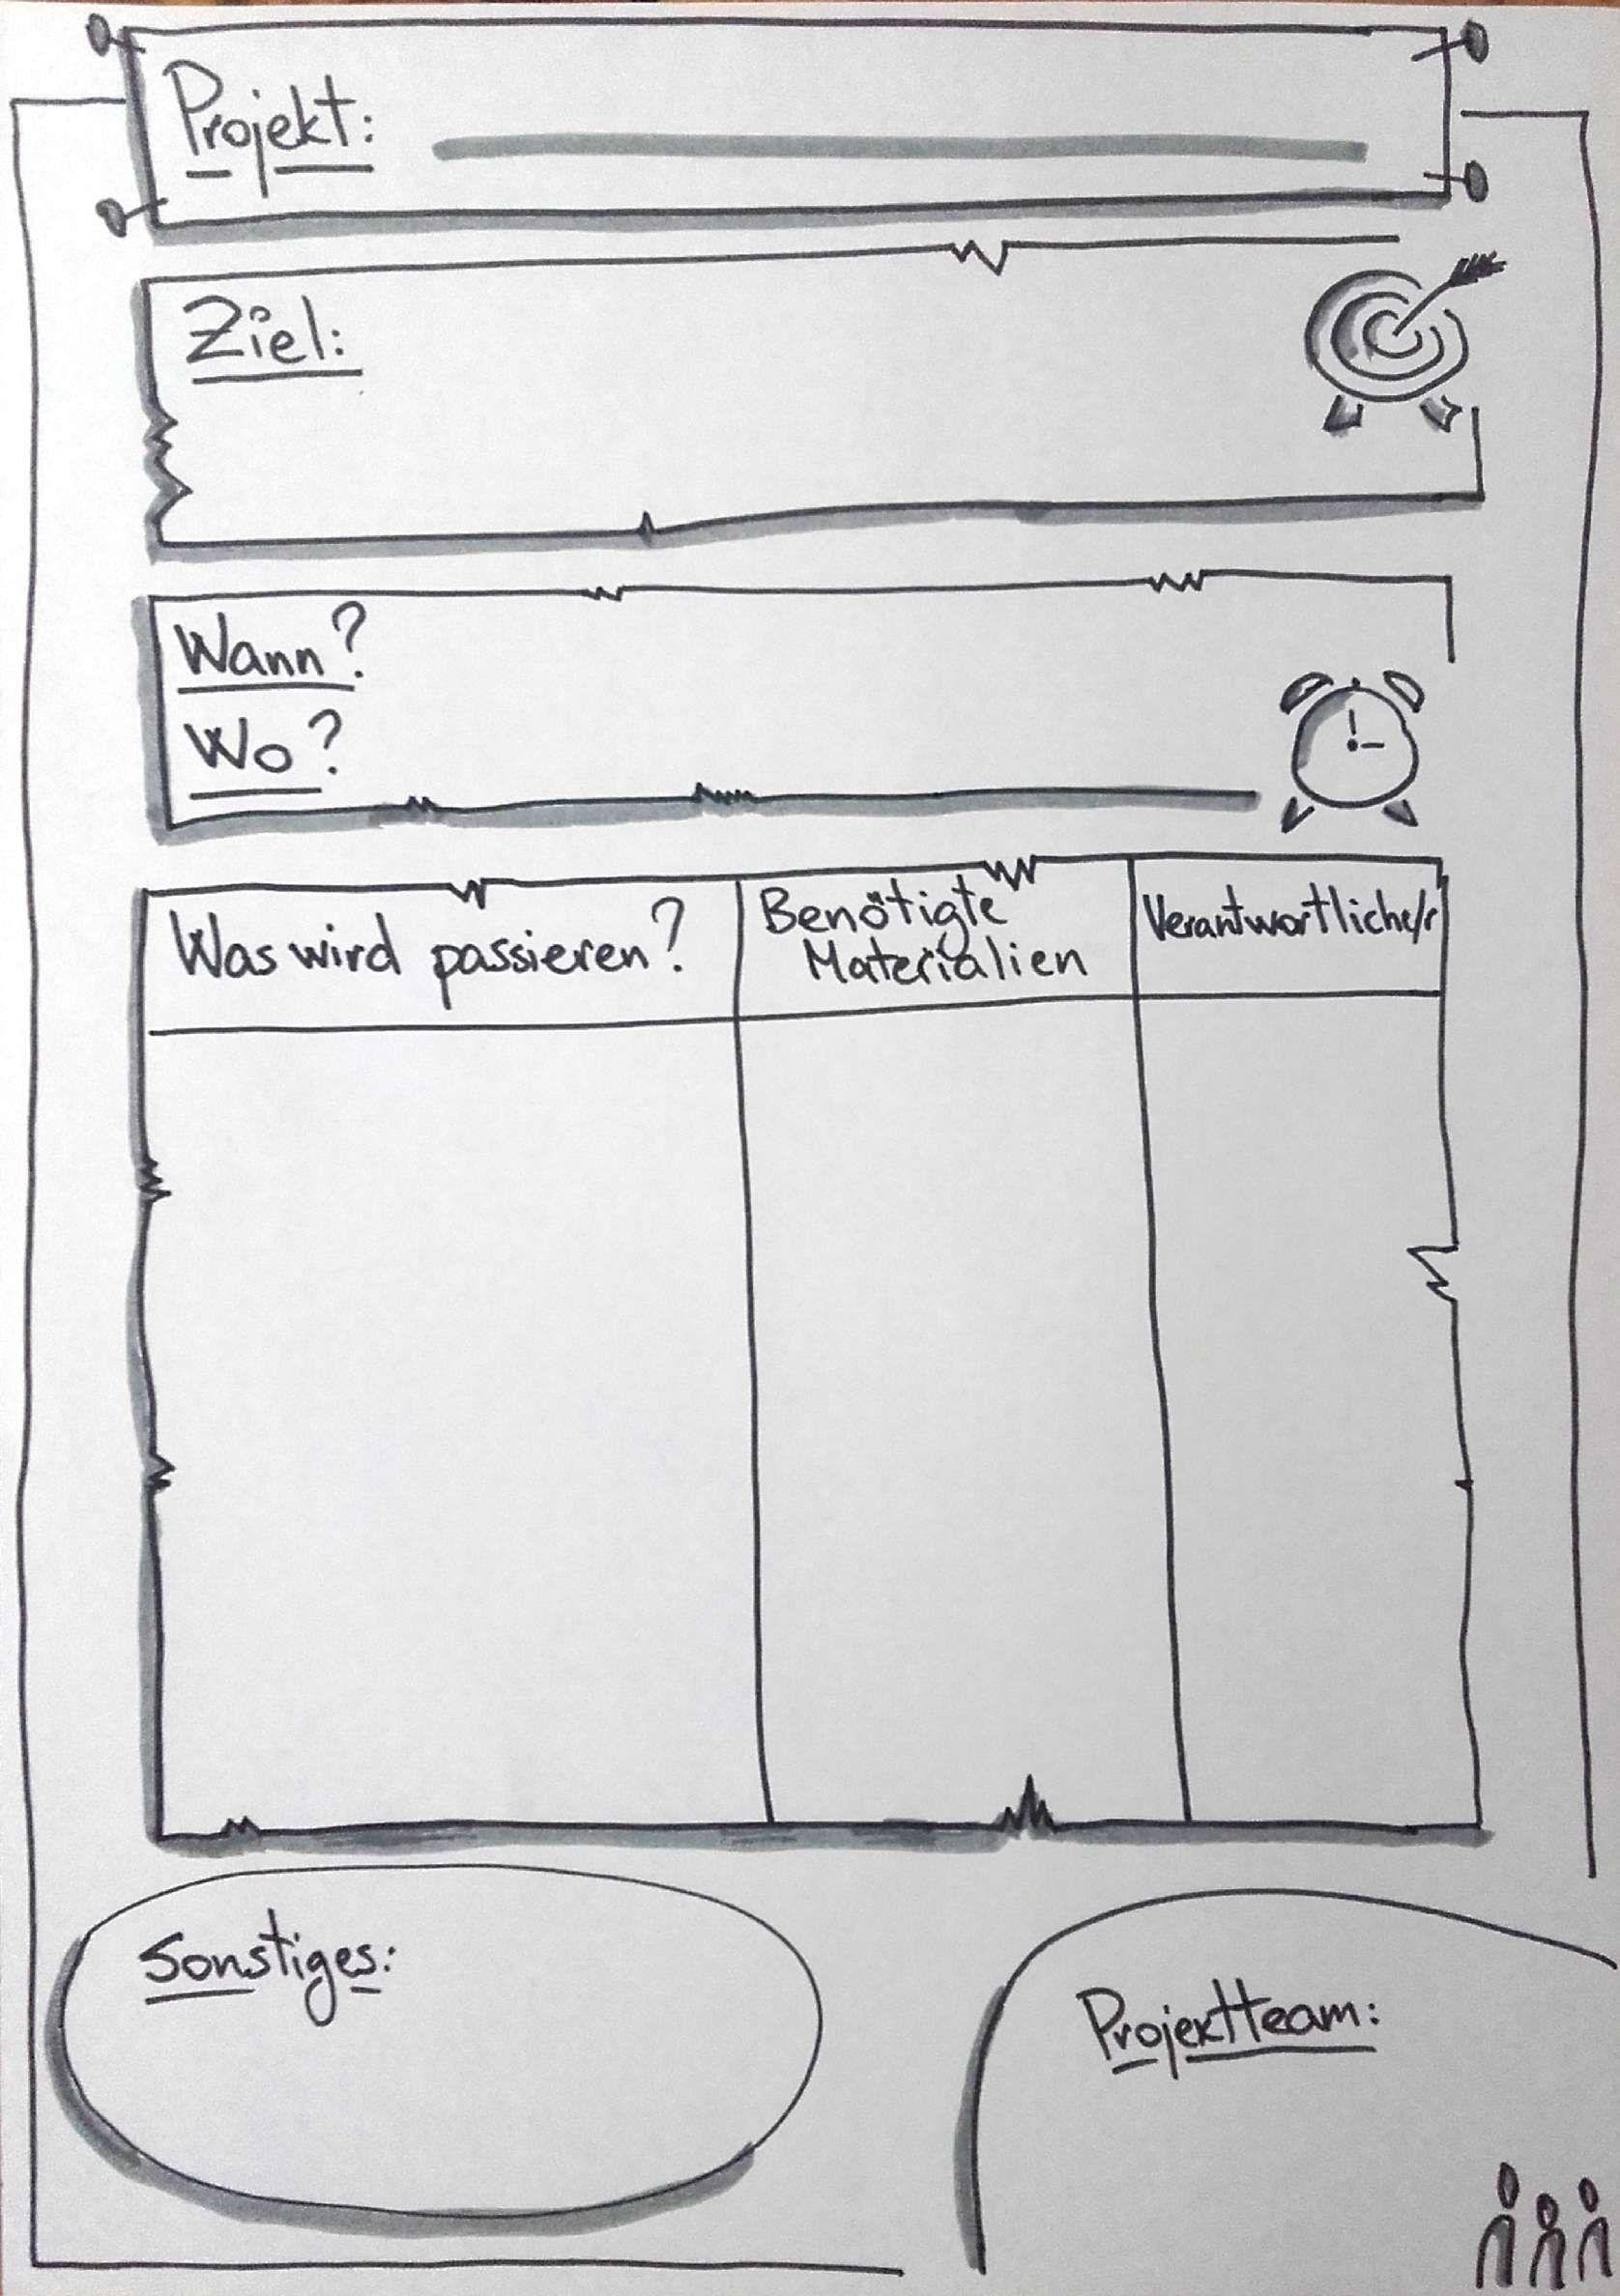 Meeting II | Met, Template and Note